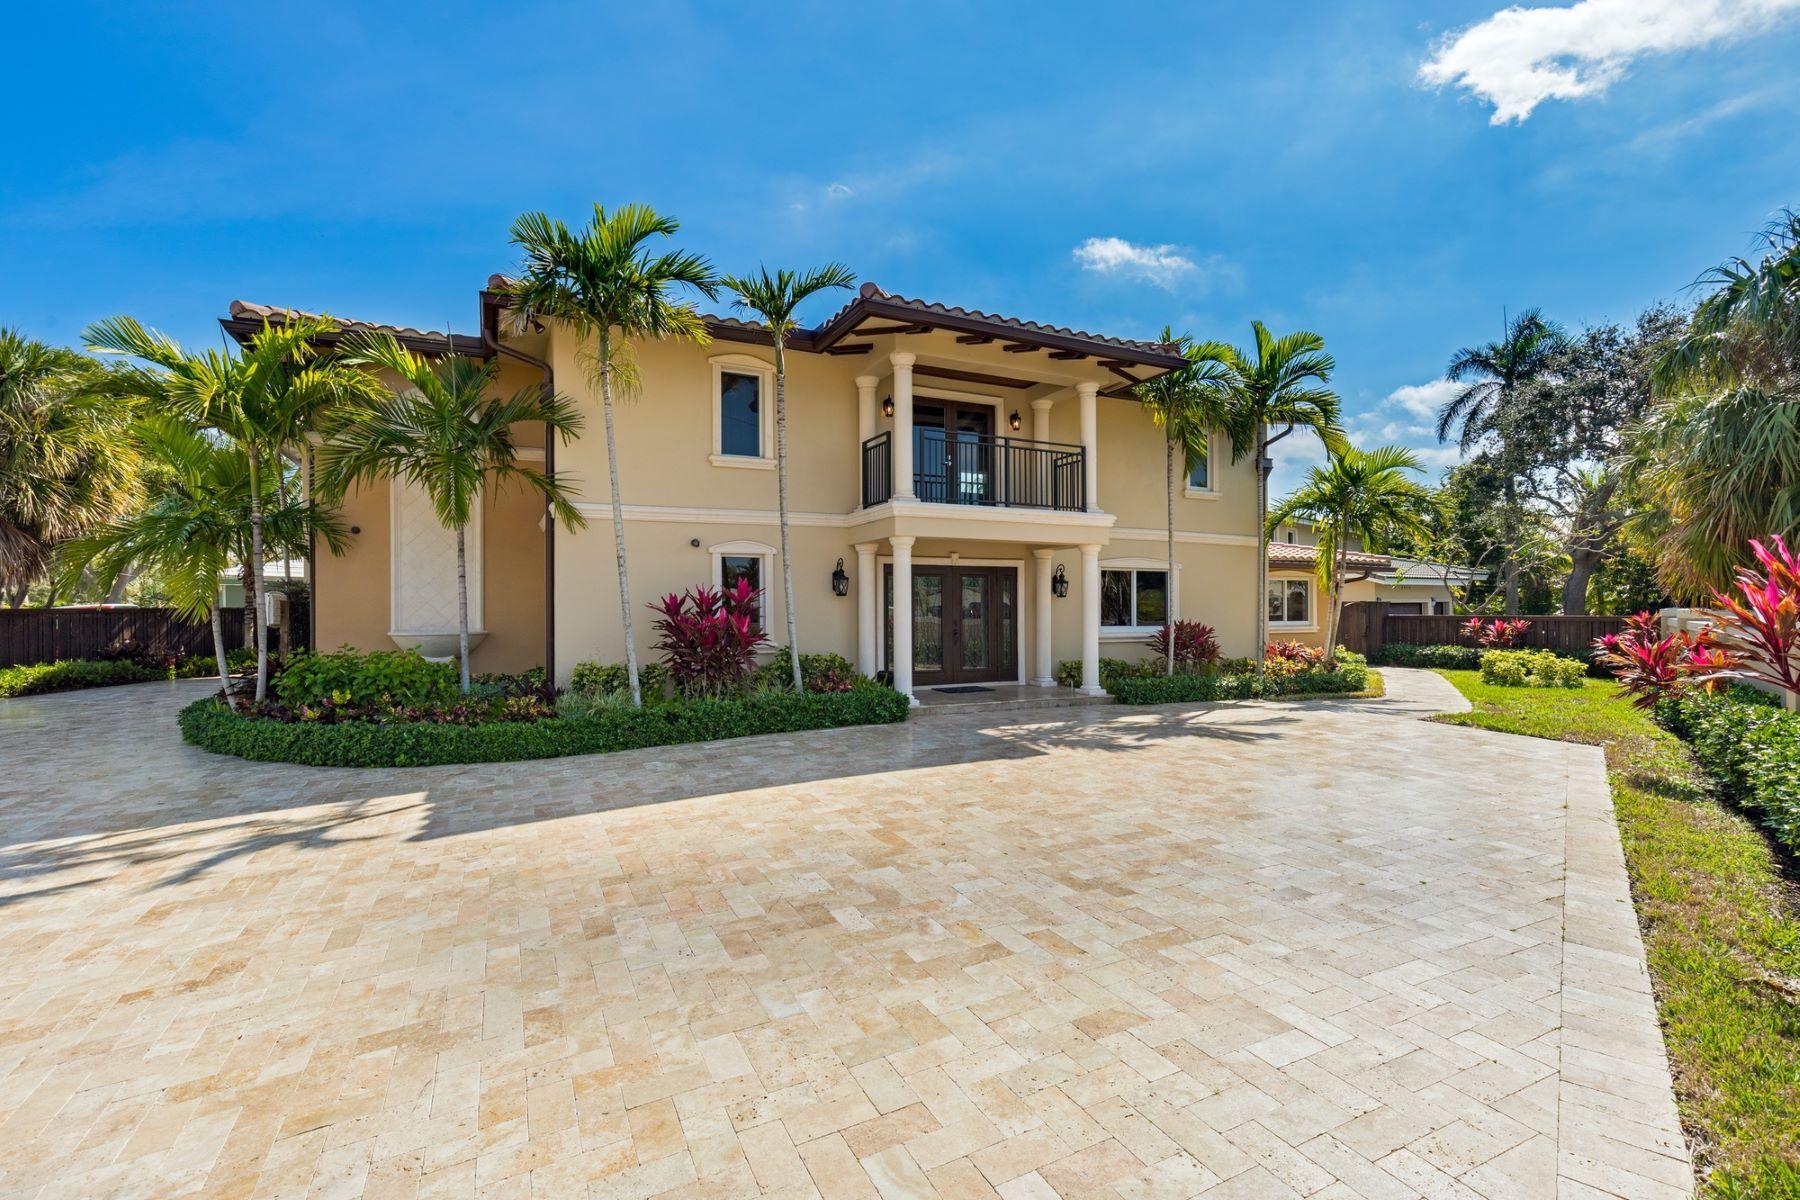 Casa para uma família para Venda às 2440 Bayview Dr Fort Lauderdale, Florida, 33305 Estados Unidos